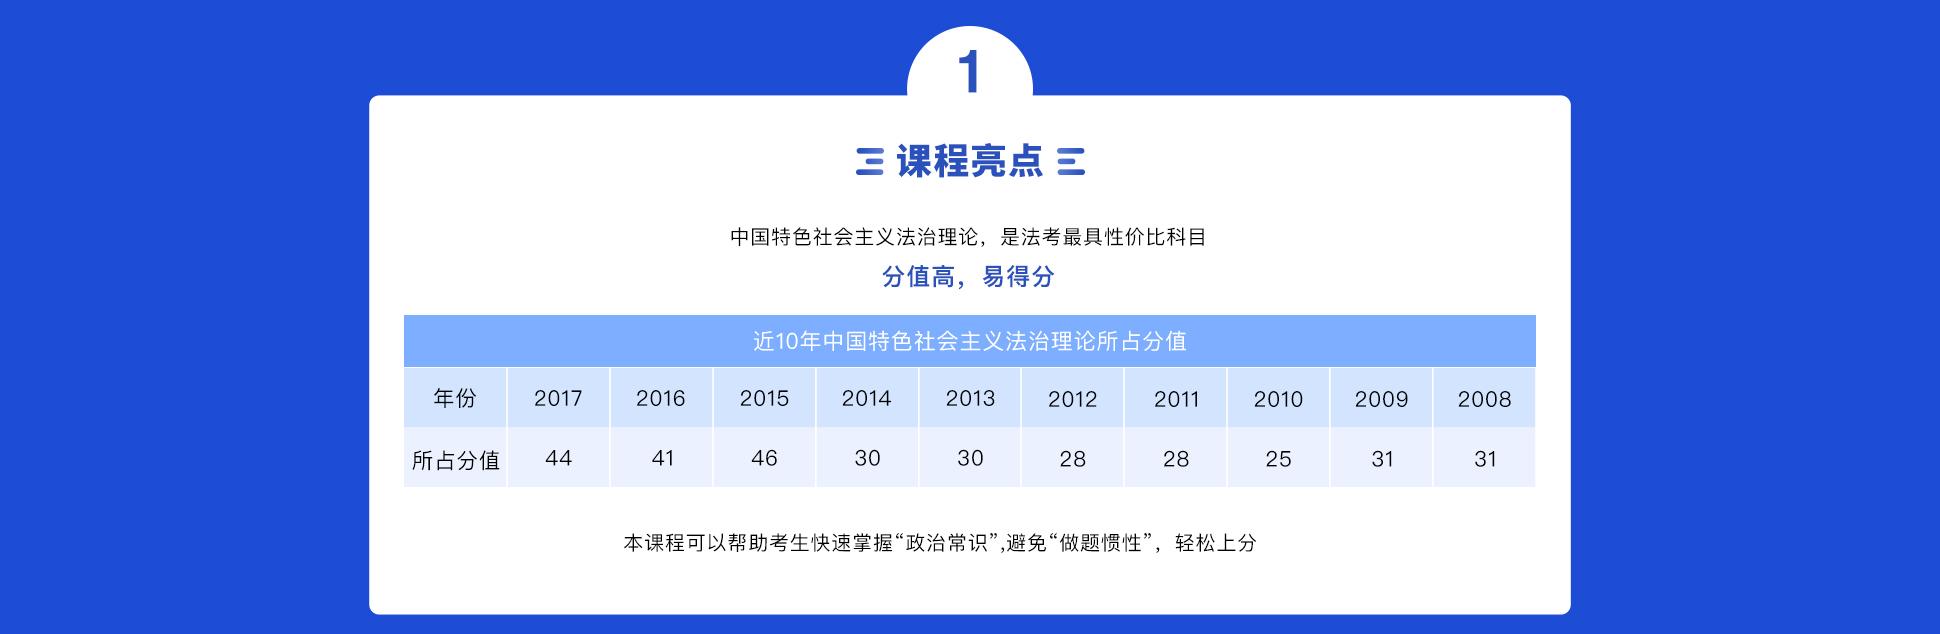 中国特色社会主义法治理论-考前精讲-专题_02.jpg